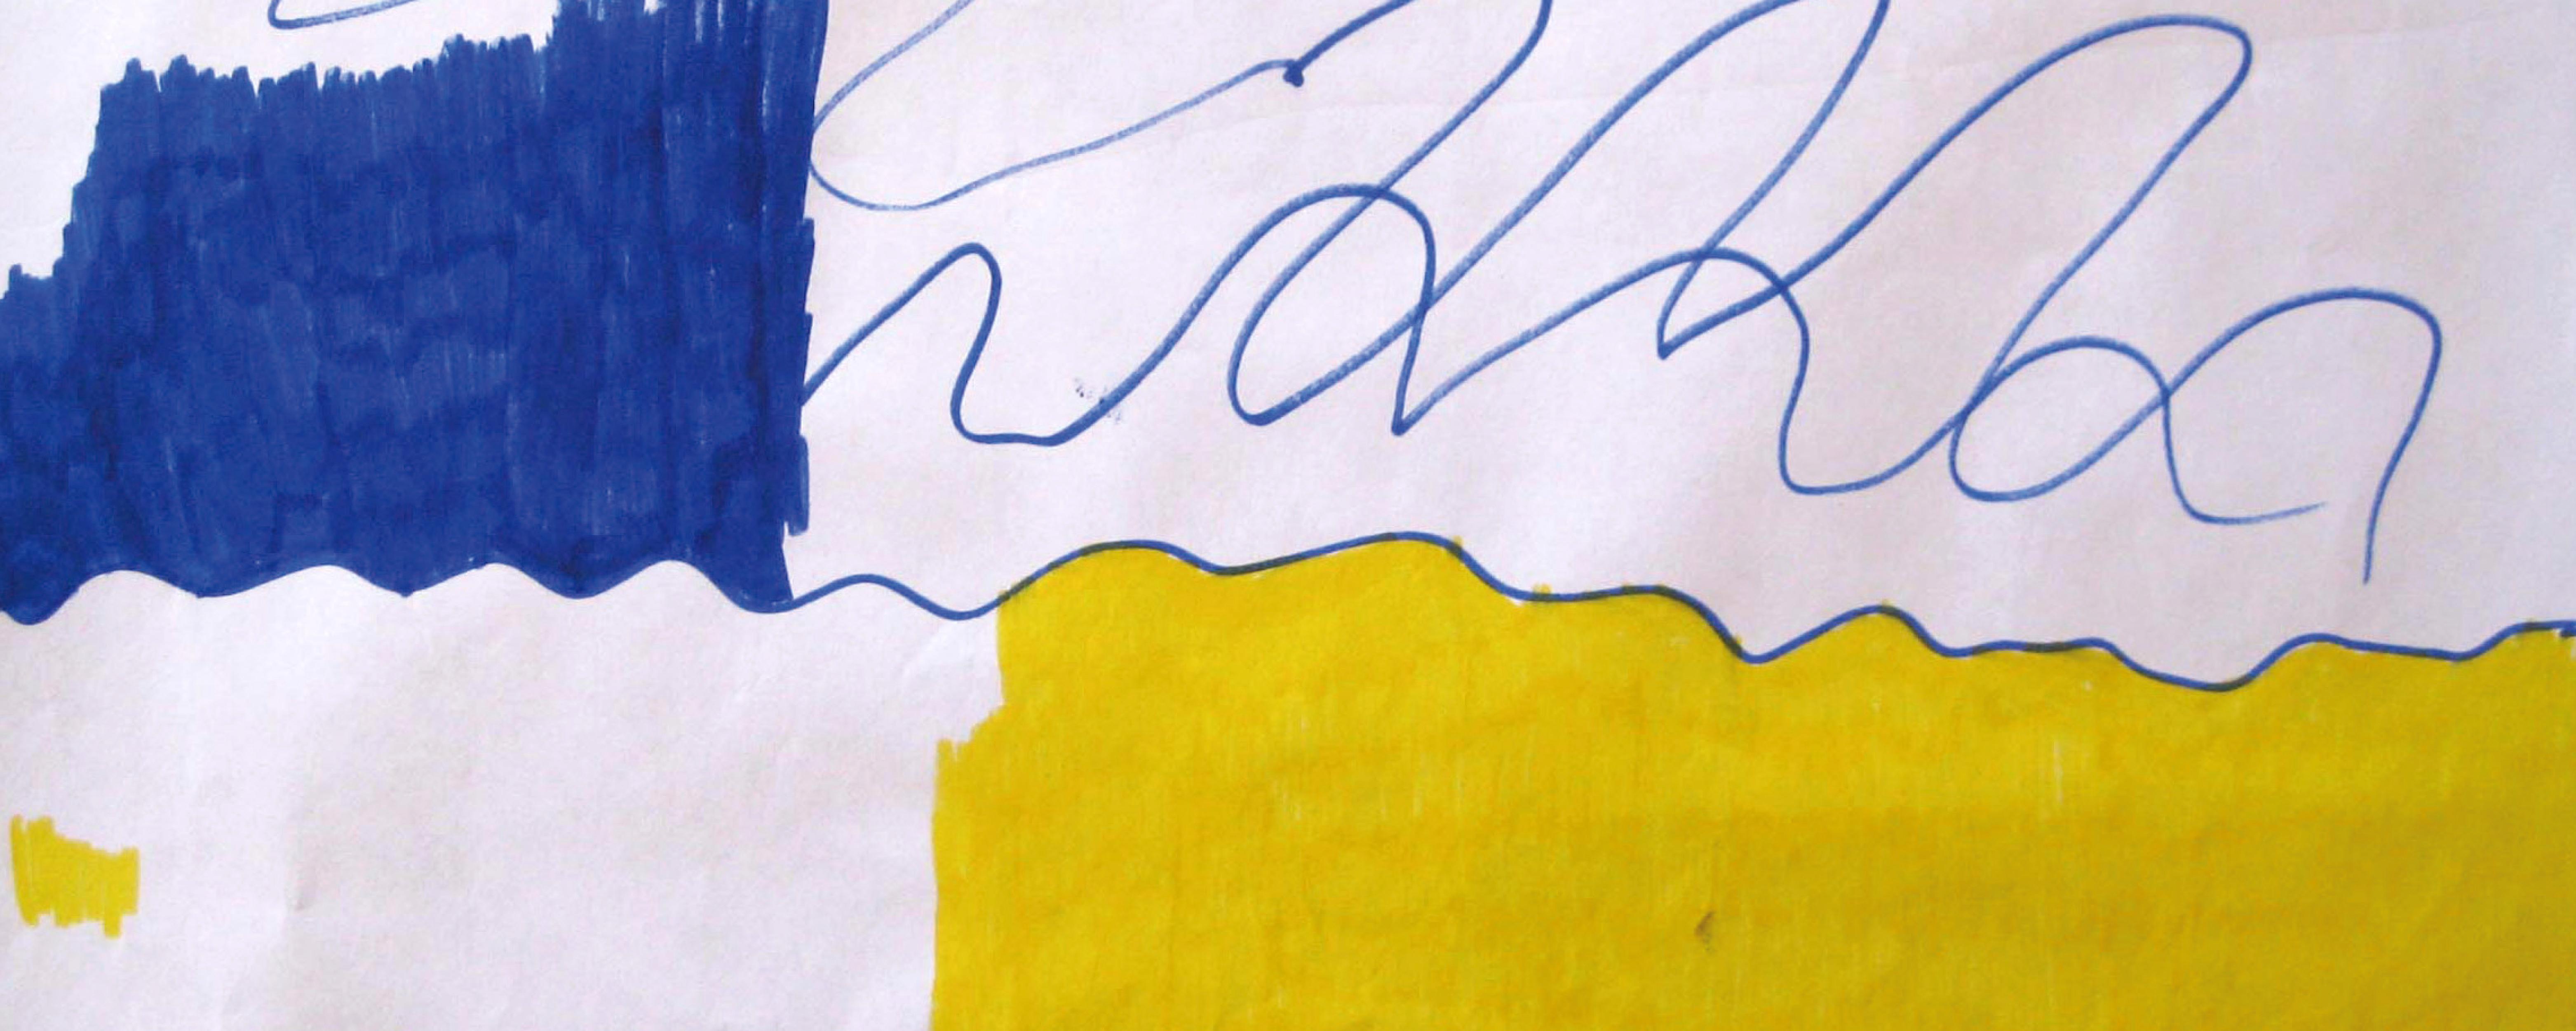 disegno: il mare